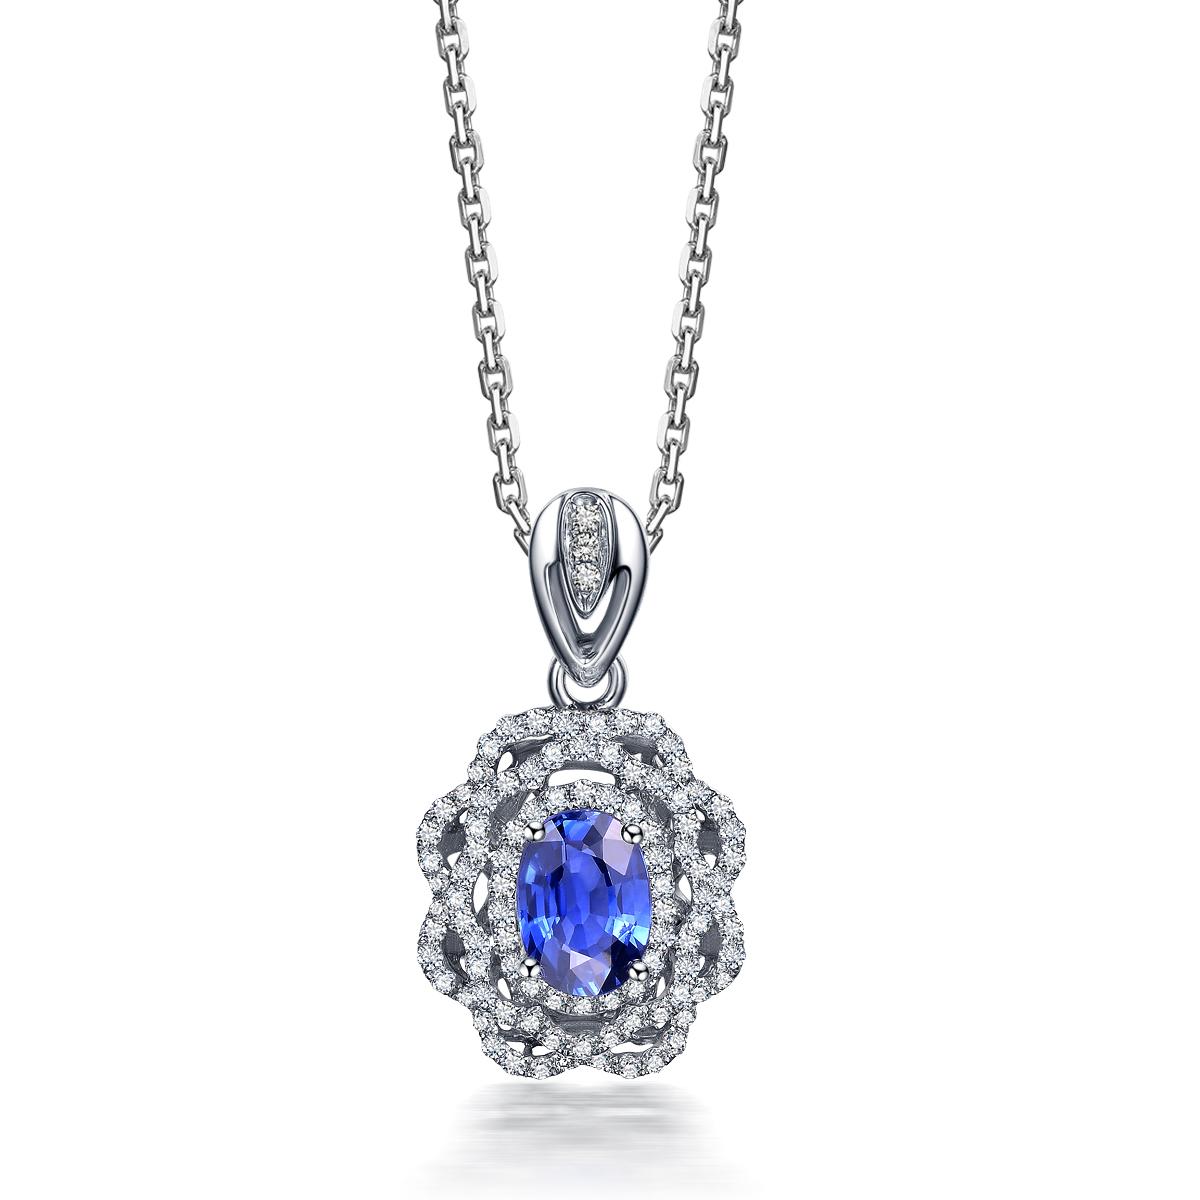 蓝宝石有保健养人的功效吗